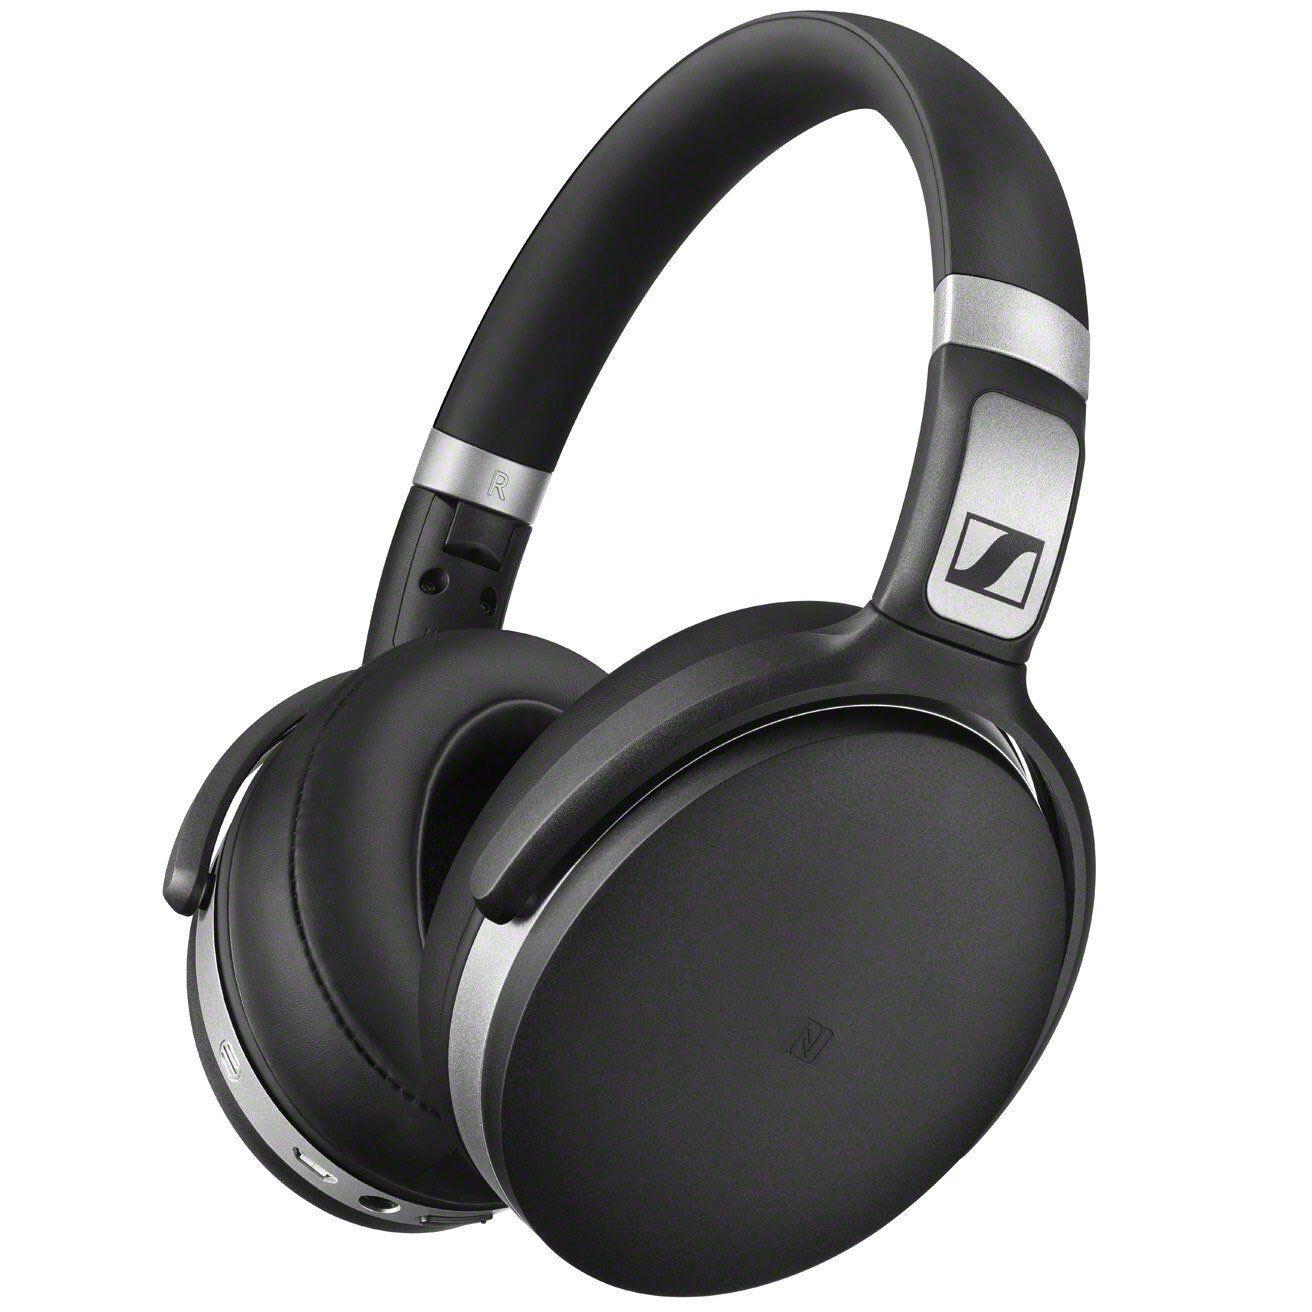 Casque audio sans fil à réduction de bruit active Sennheiser HD 4.50 Special Edition